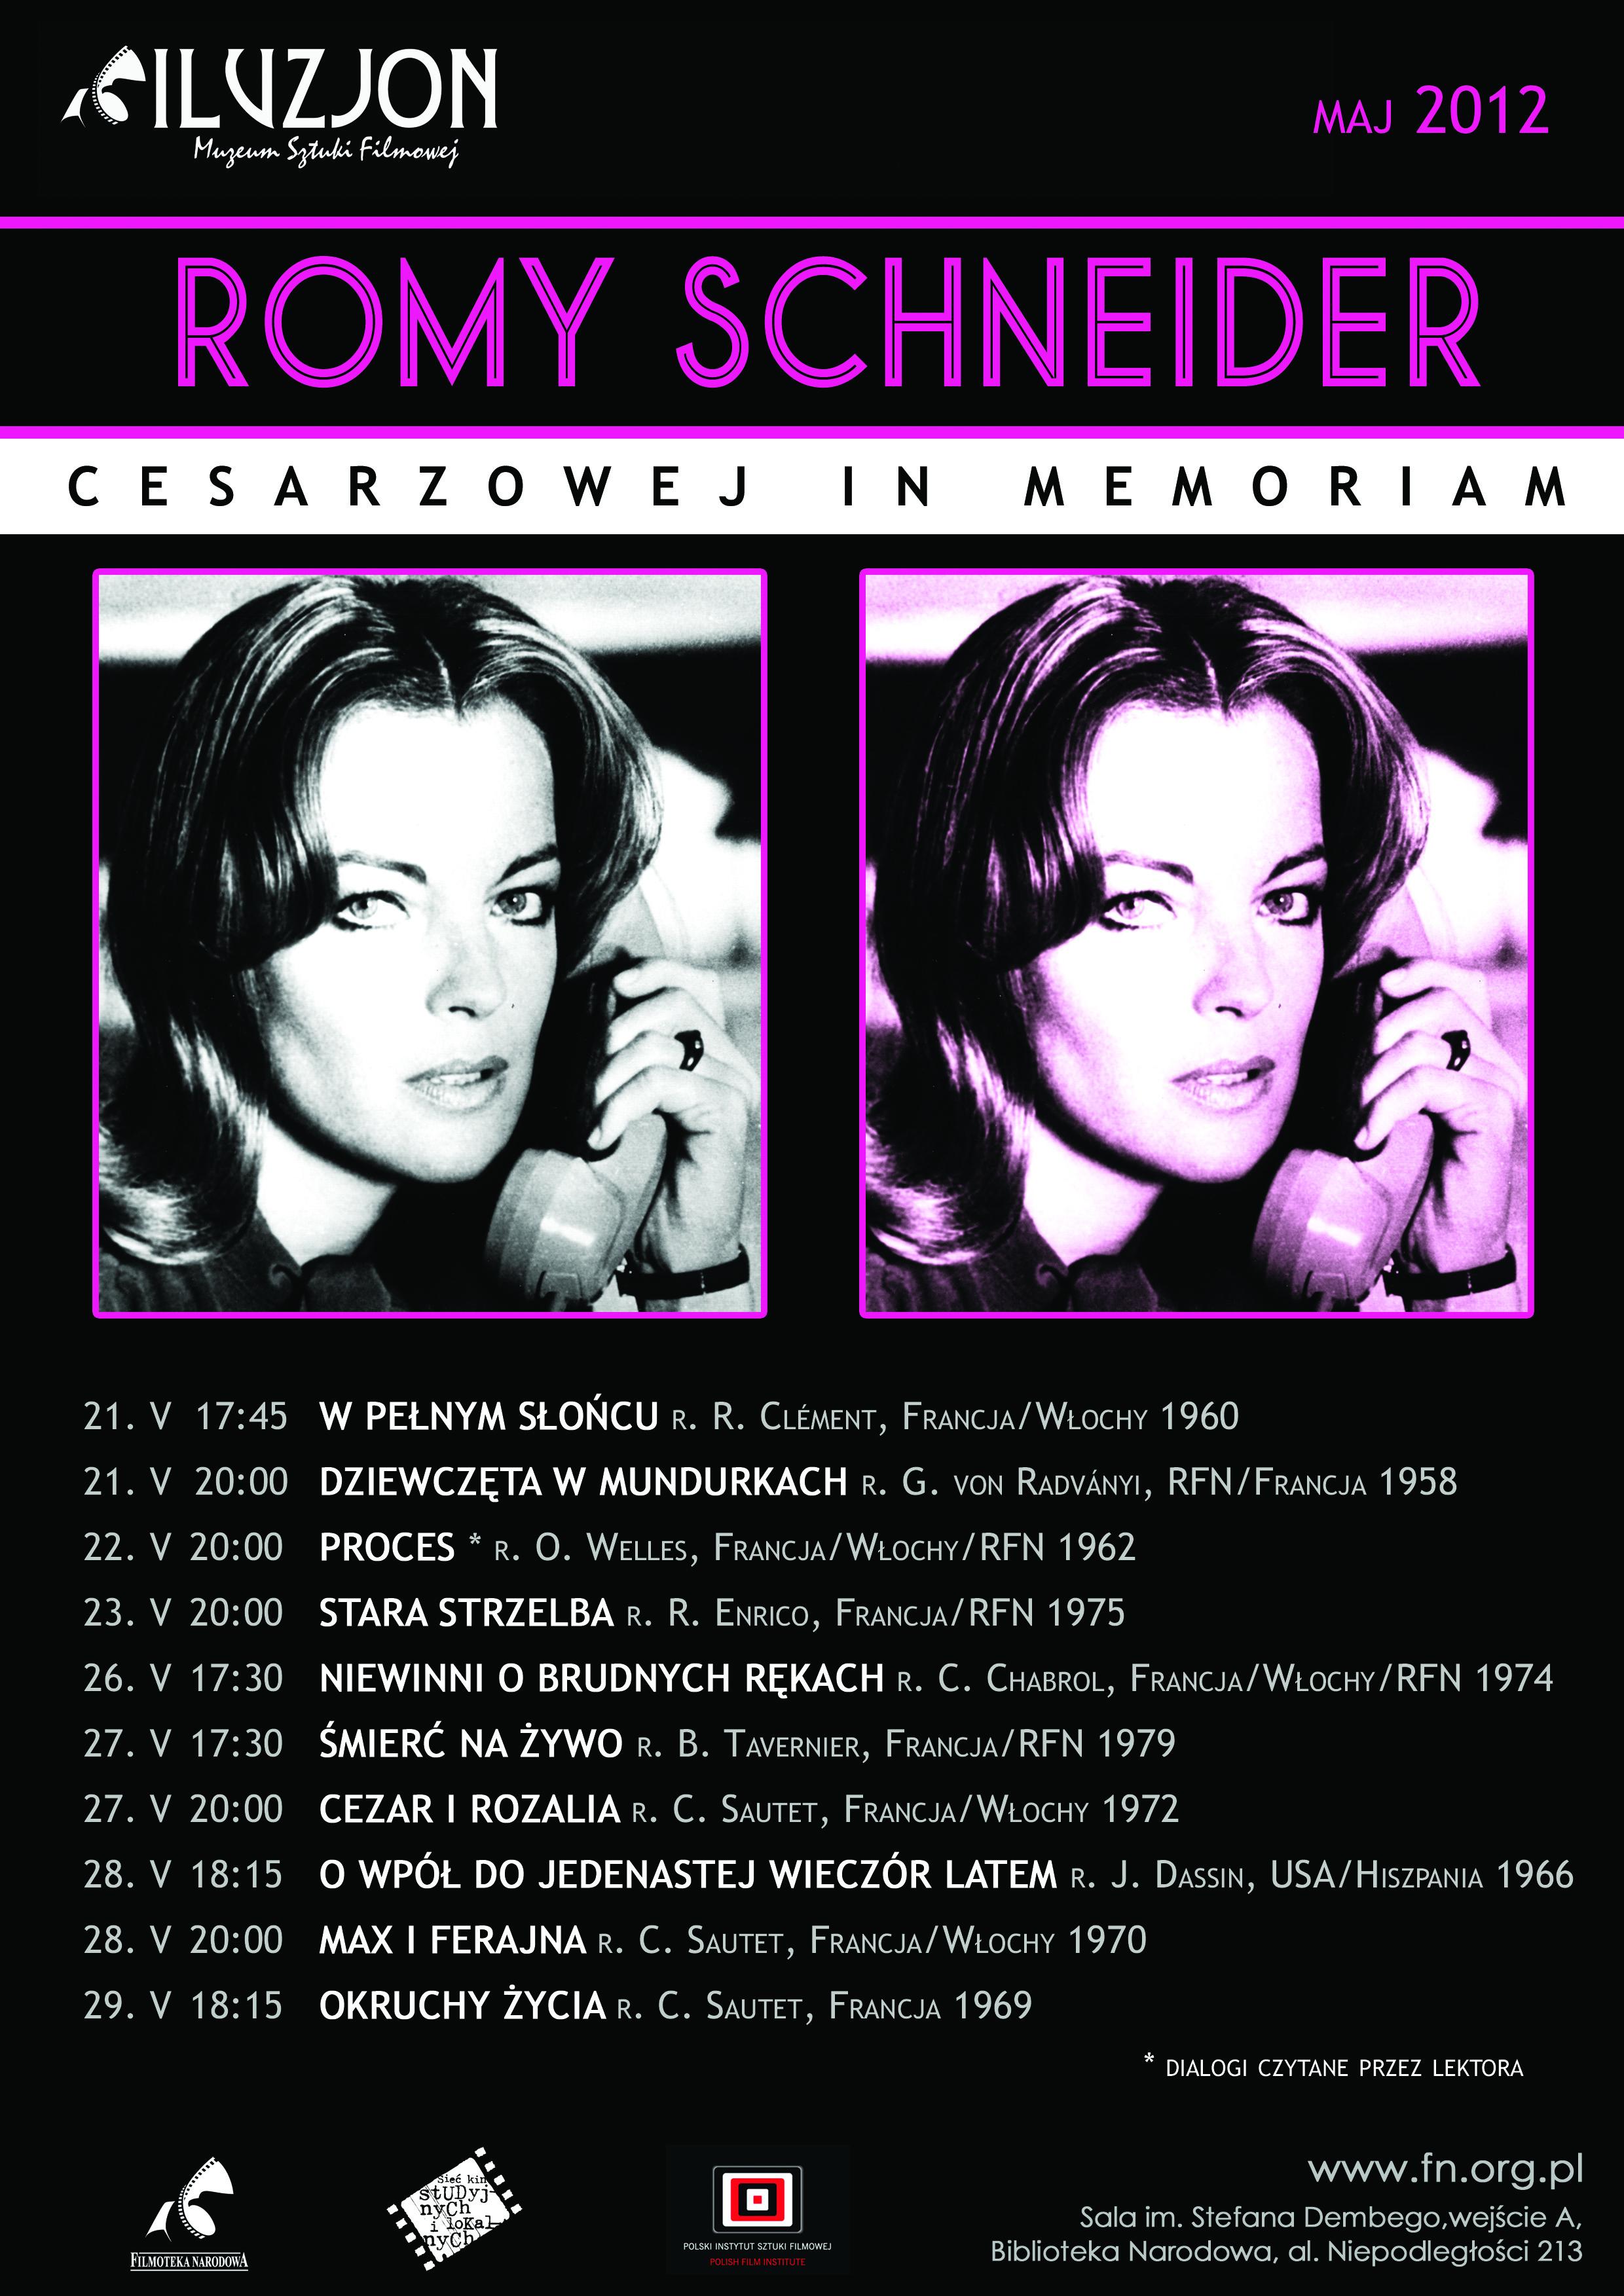 """Plakat przeglądu """"Romy Schneider - Cesarzowej in memoriam"""" (źródło: materiały prasowe)"""